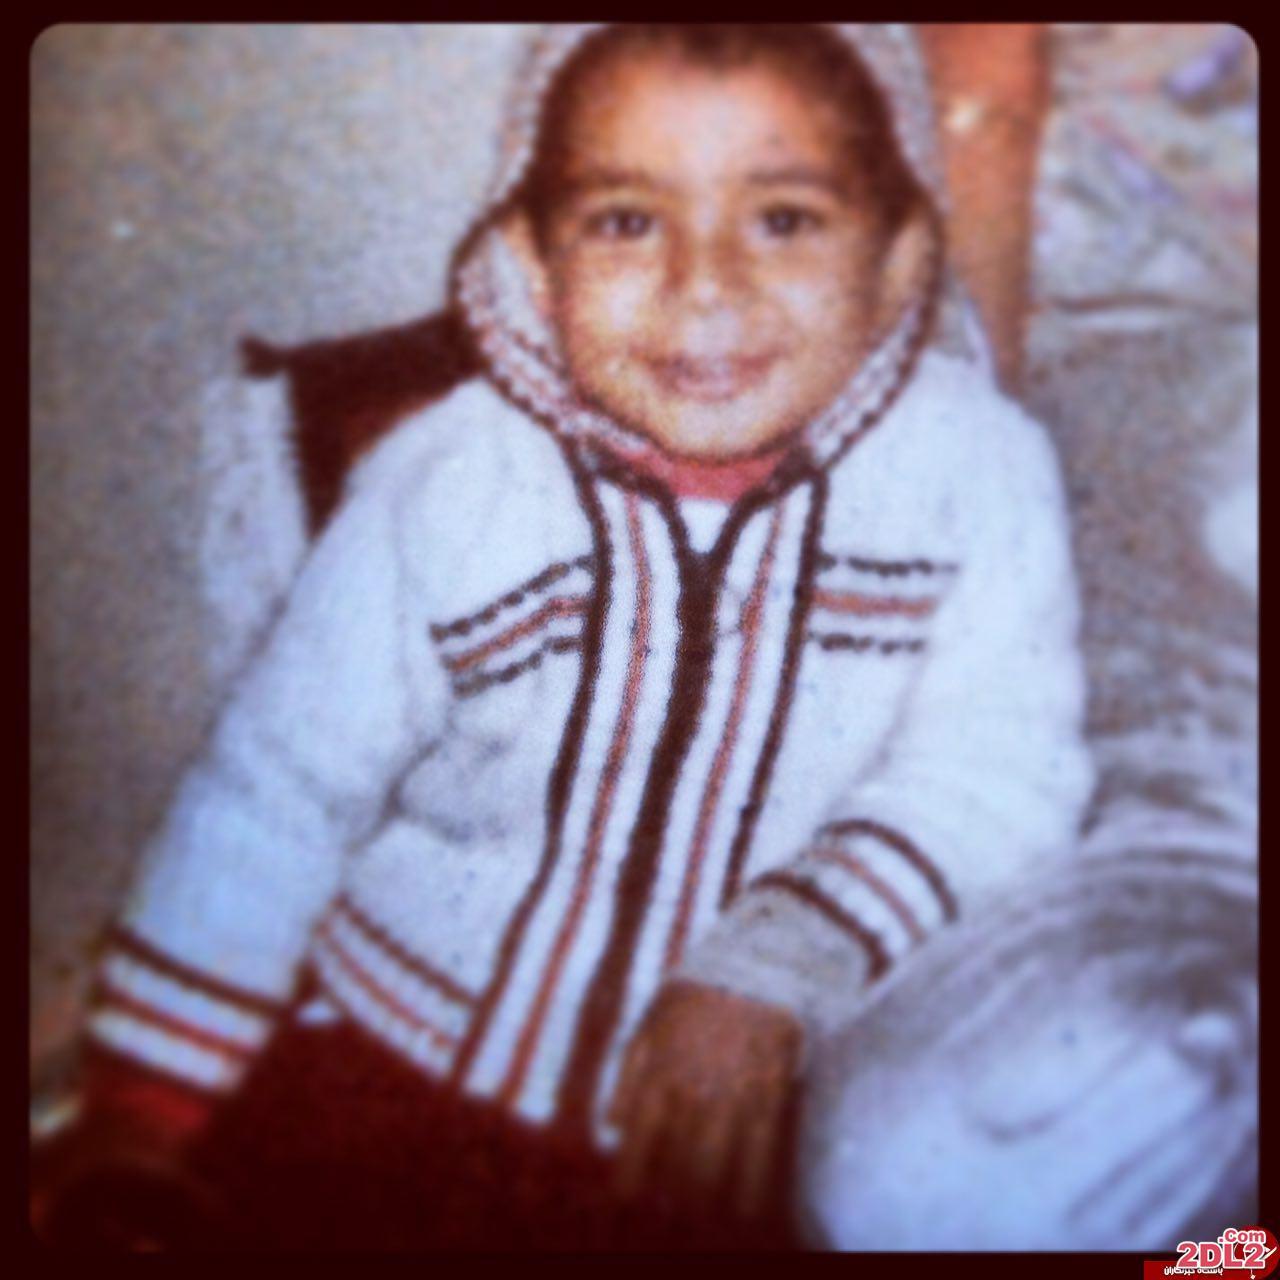 عکس دیدنی از کودکی رضا صادقی